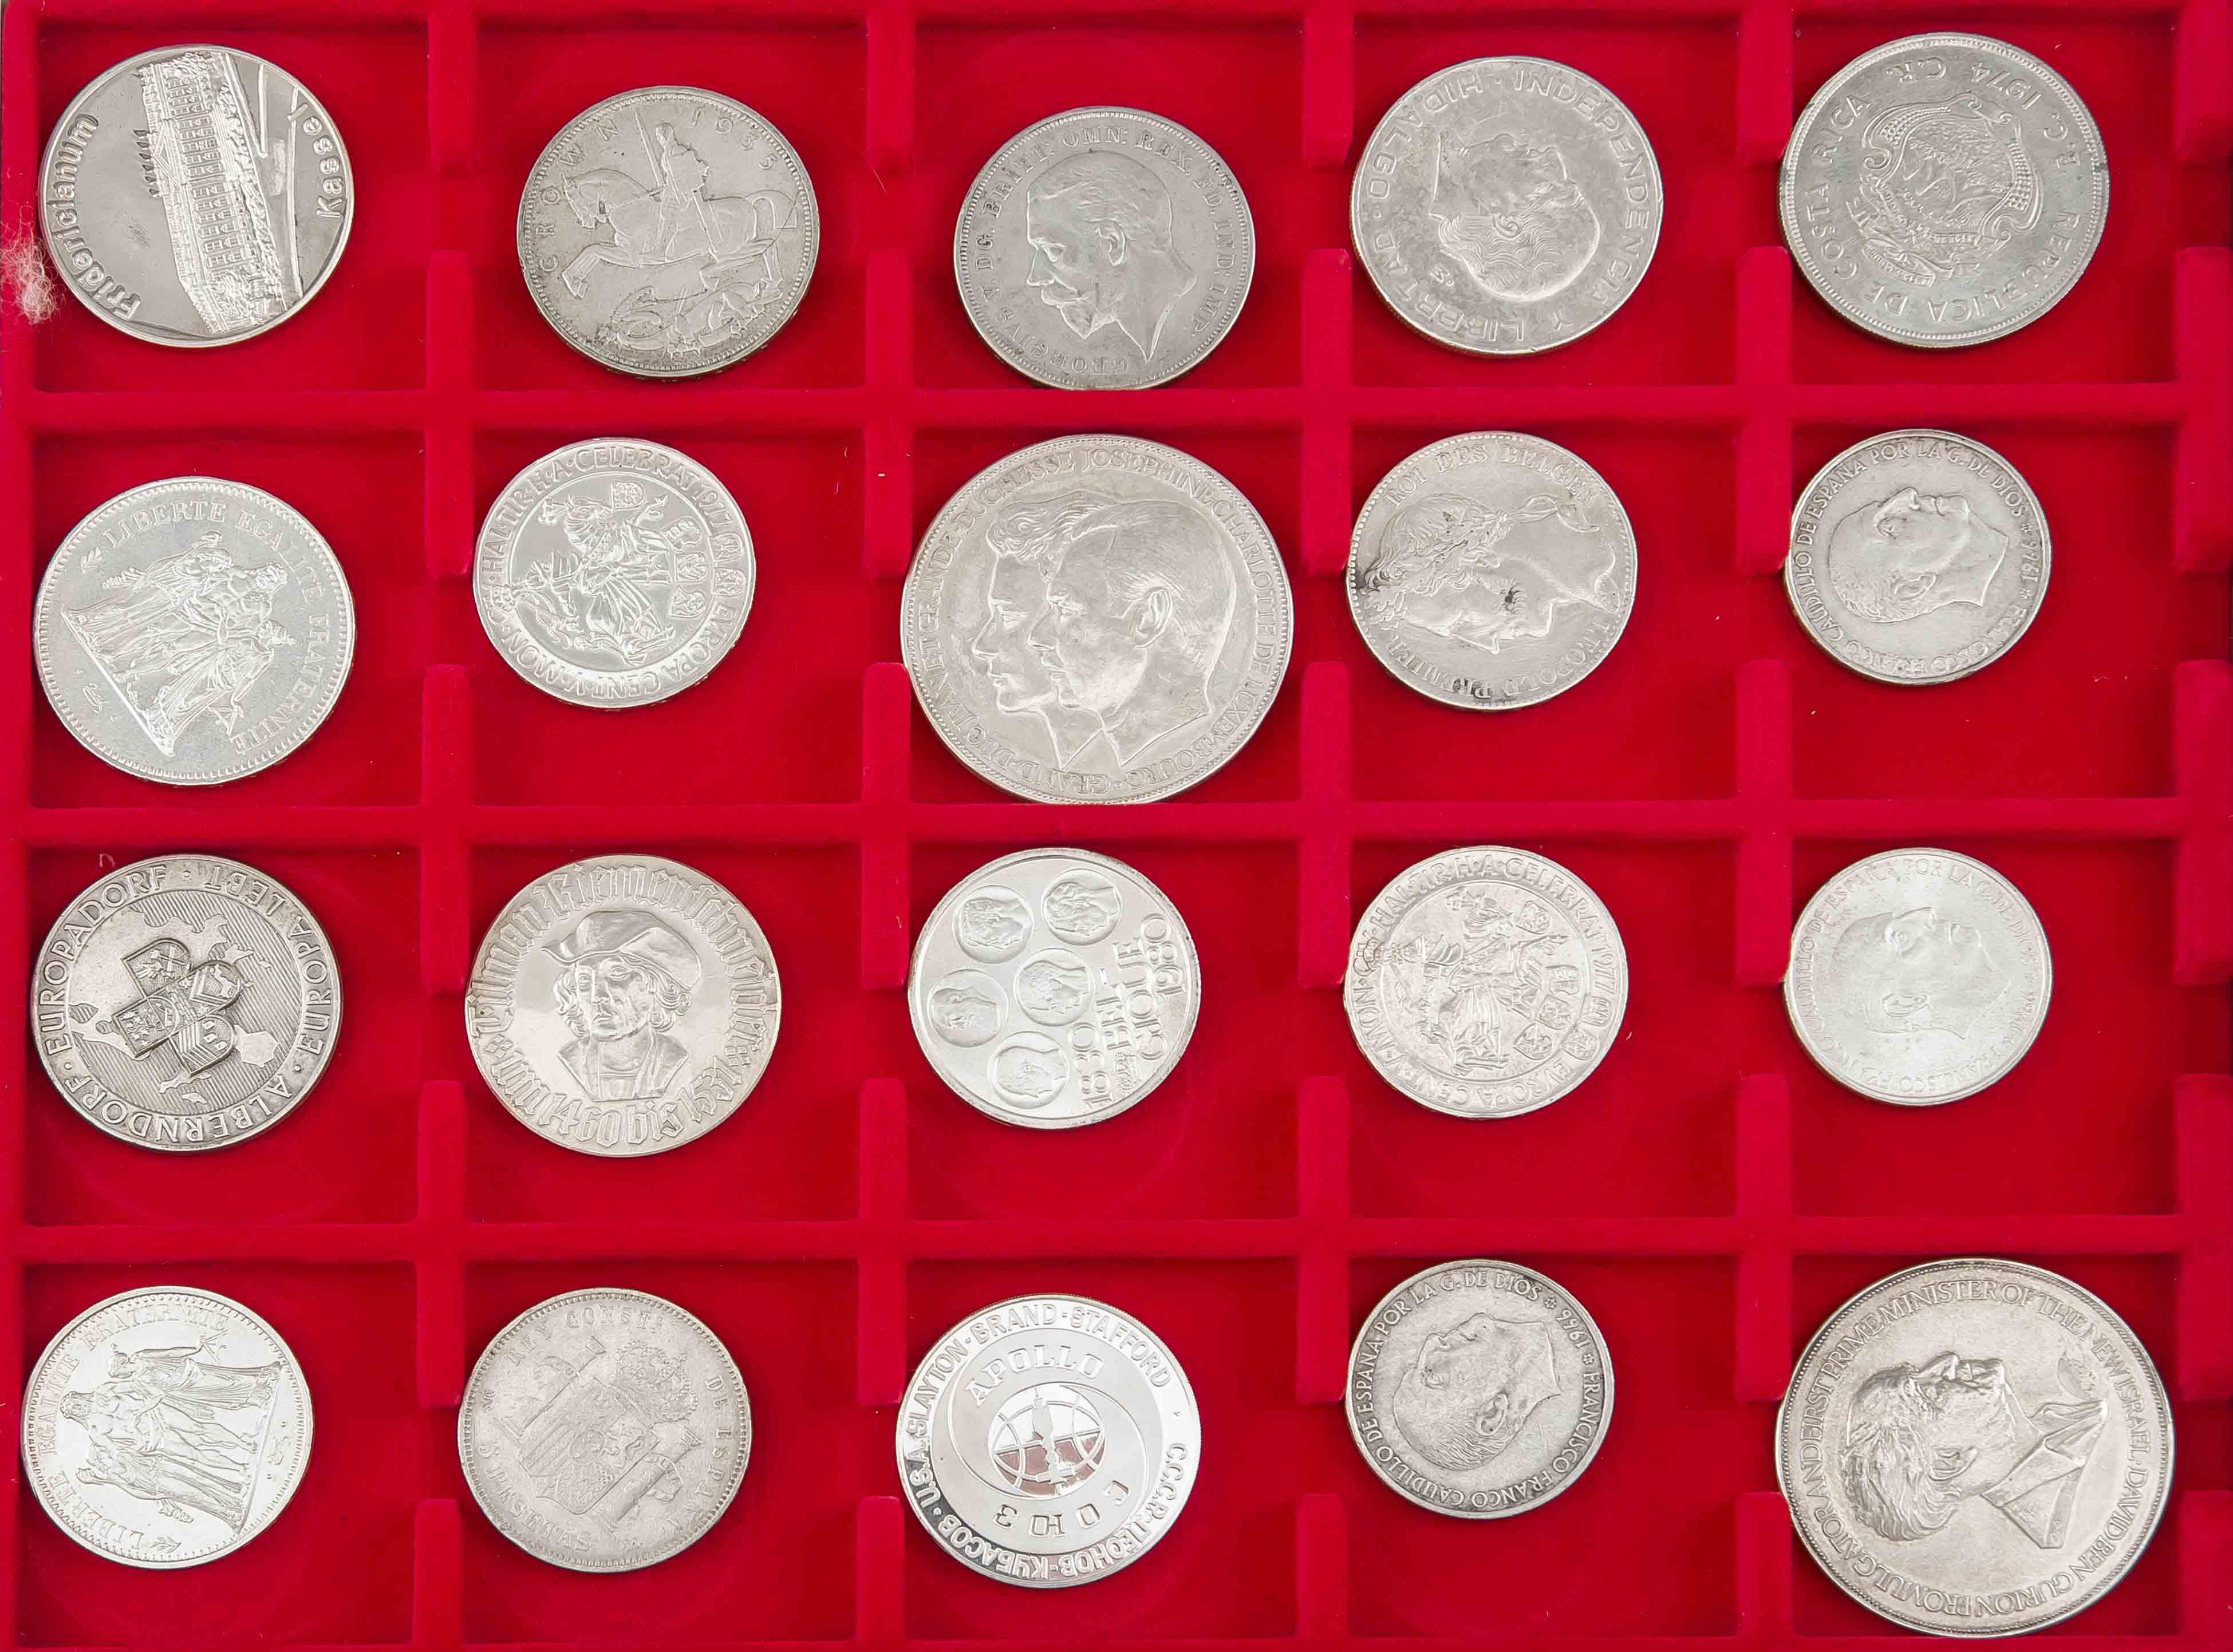 20 Münzen Und Medaillen 19 Lotsearchde